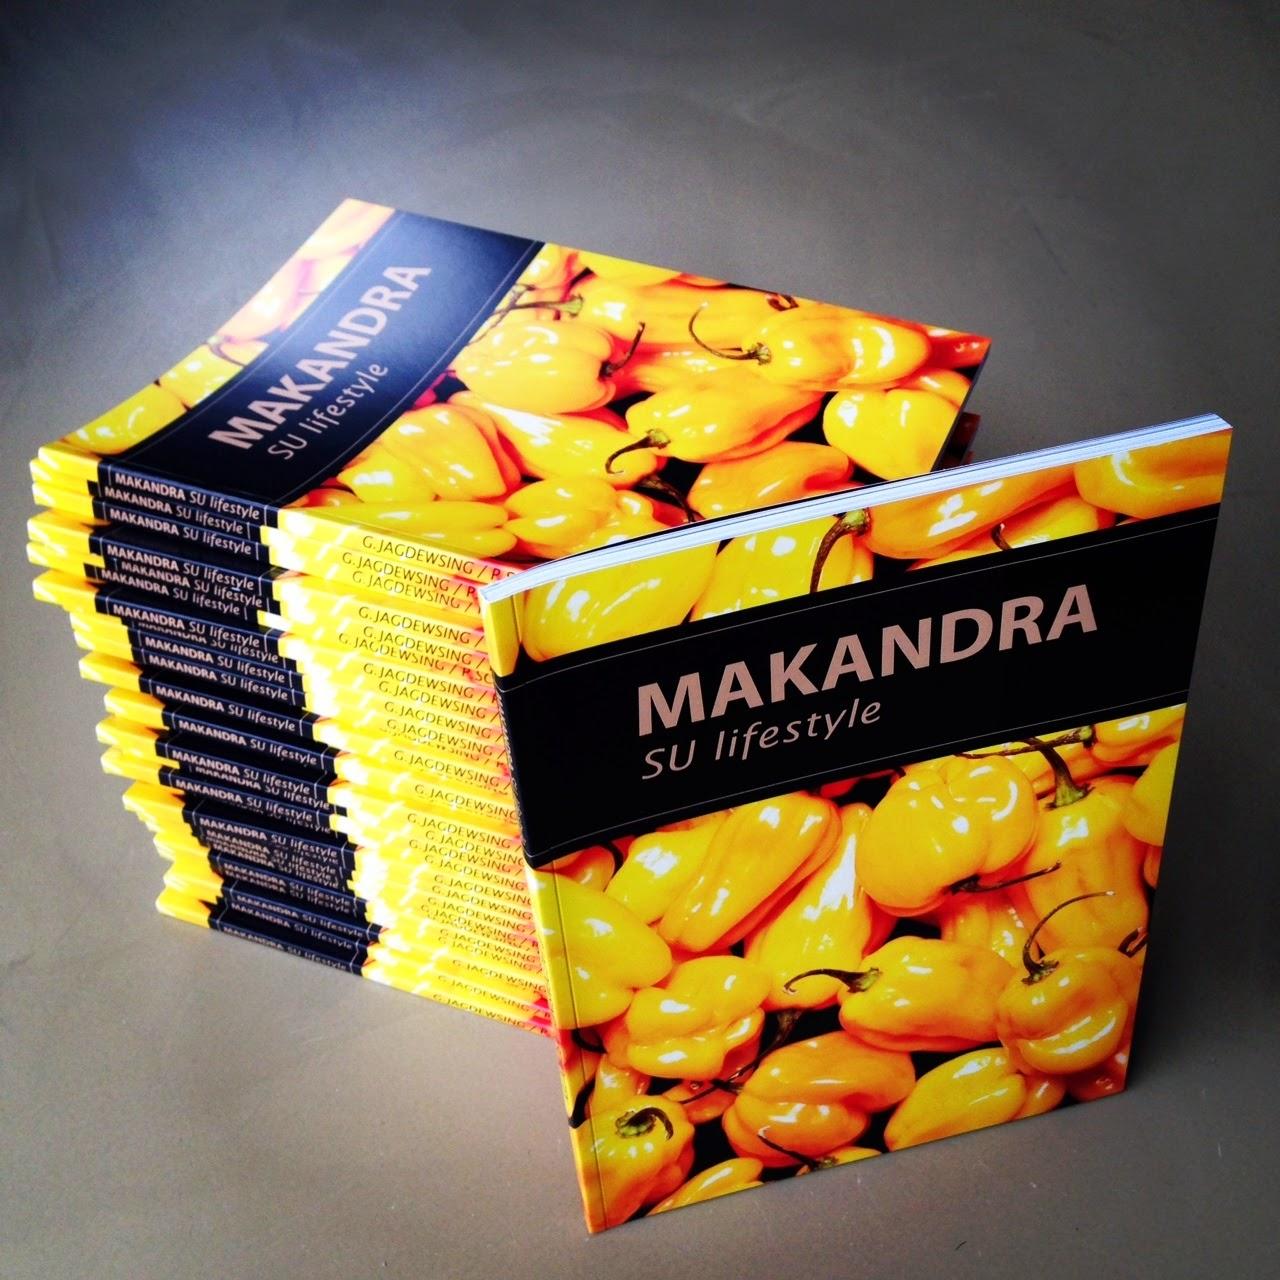 Makandra Webshop